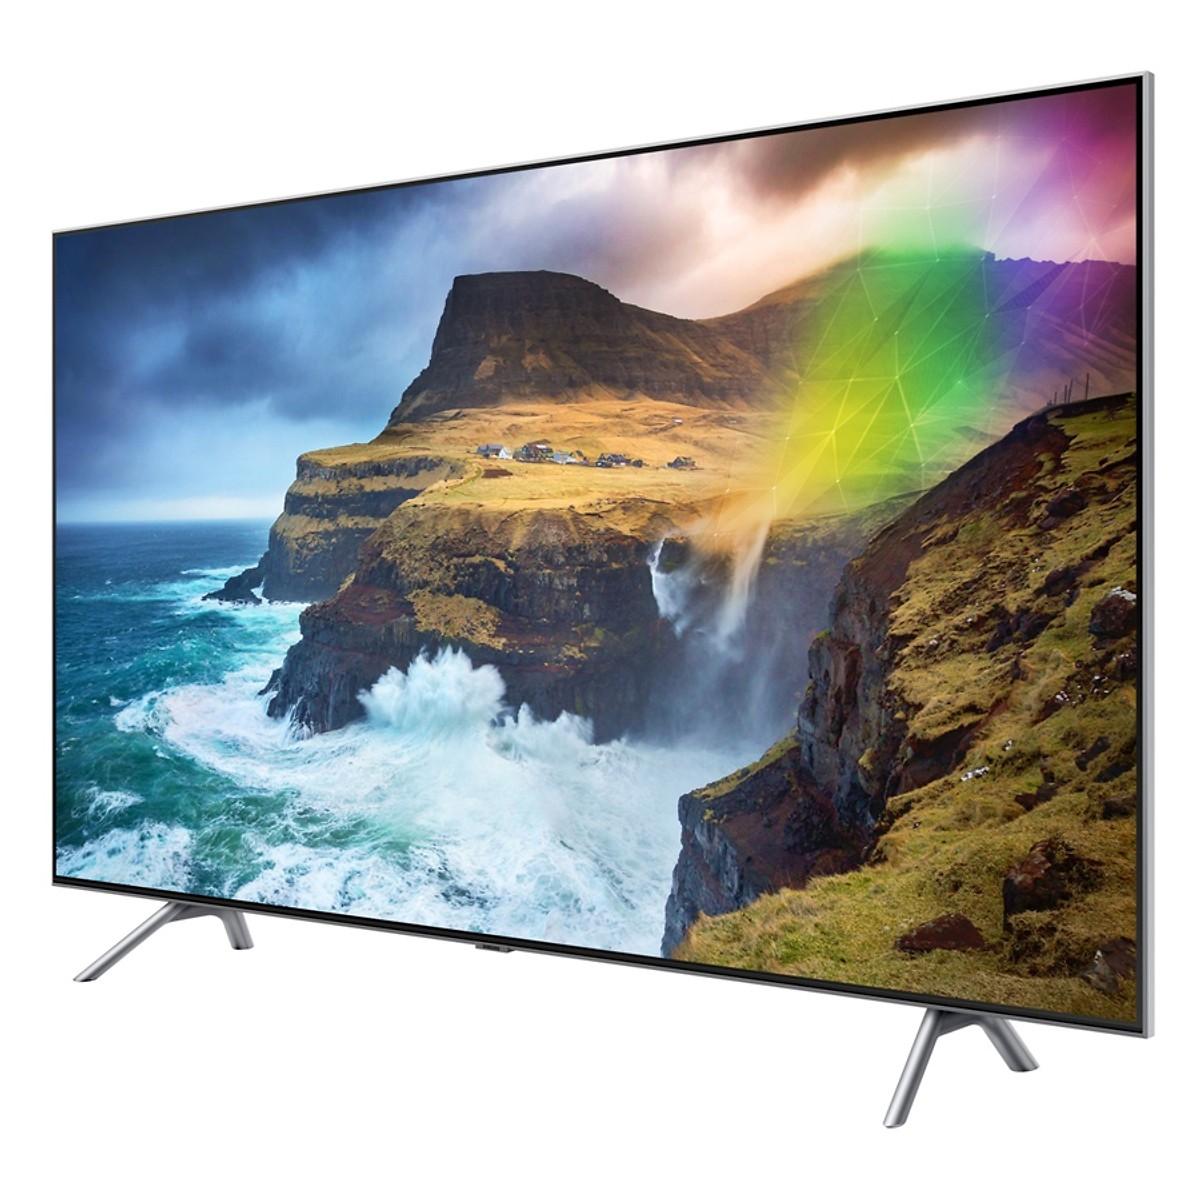 Smart Tivi QLED Samsung 55 inch 4K UHD QA55Q75RAKXXV - Hàng chính hãng + Tặng Khung Treo Cố Định